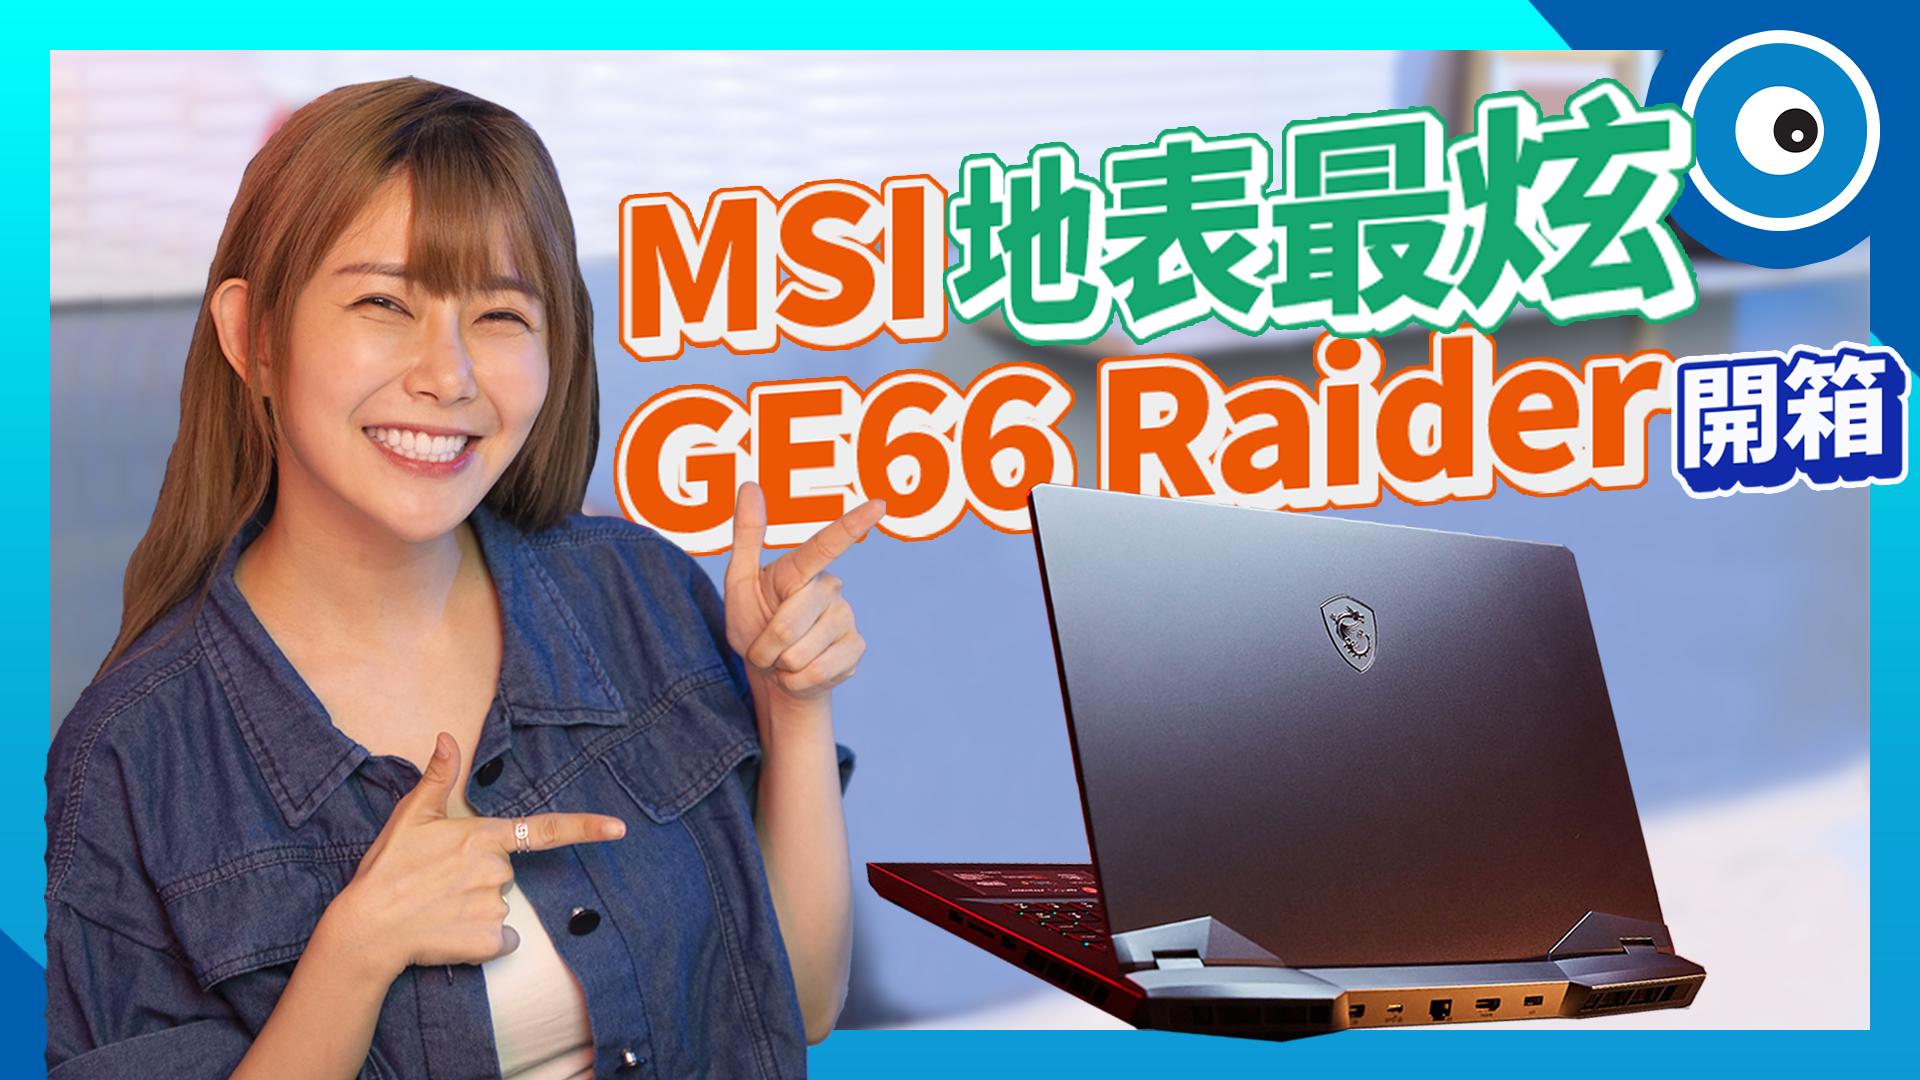 T客邦<span>特派員-</span>阿樂<span>帶來這台「地表最炫」電競筆電 MSI GE66 Raider 一起開箱瞧瞧還有什麼好料呢!</span>